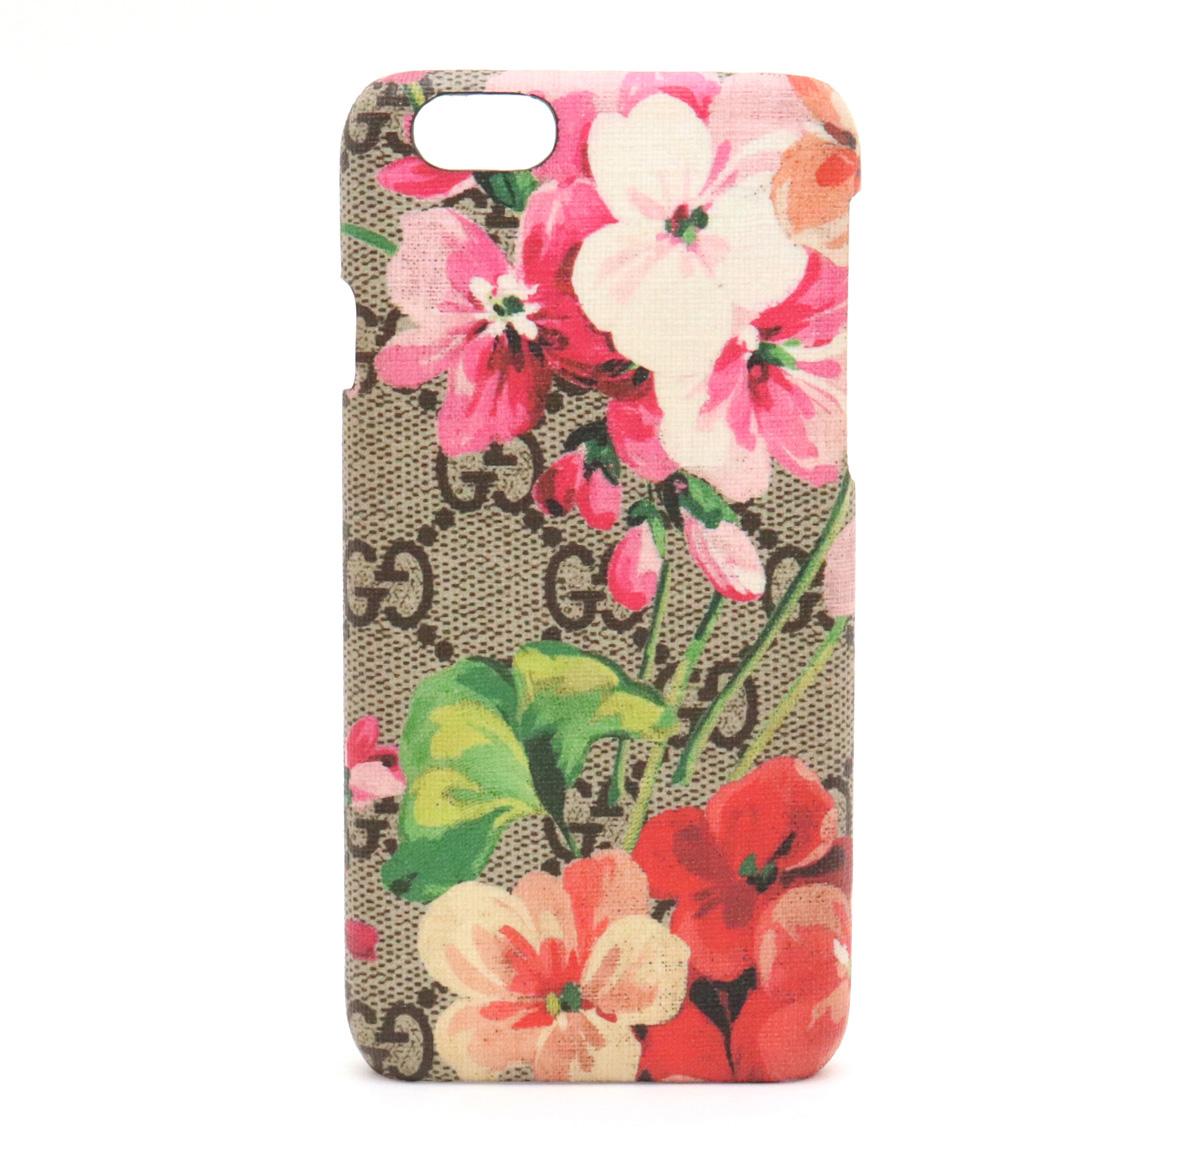 GUCCI グッチ GGブルームス GGスプリーム 携帯ケース iPhone 6 6S ケース アイフォンケース スマホカバー PVC カーキベージュ 426573 【中古】